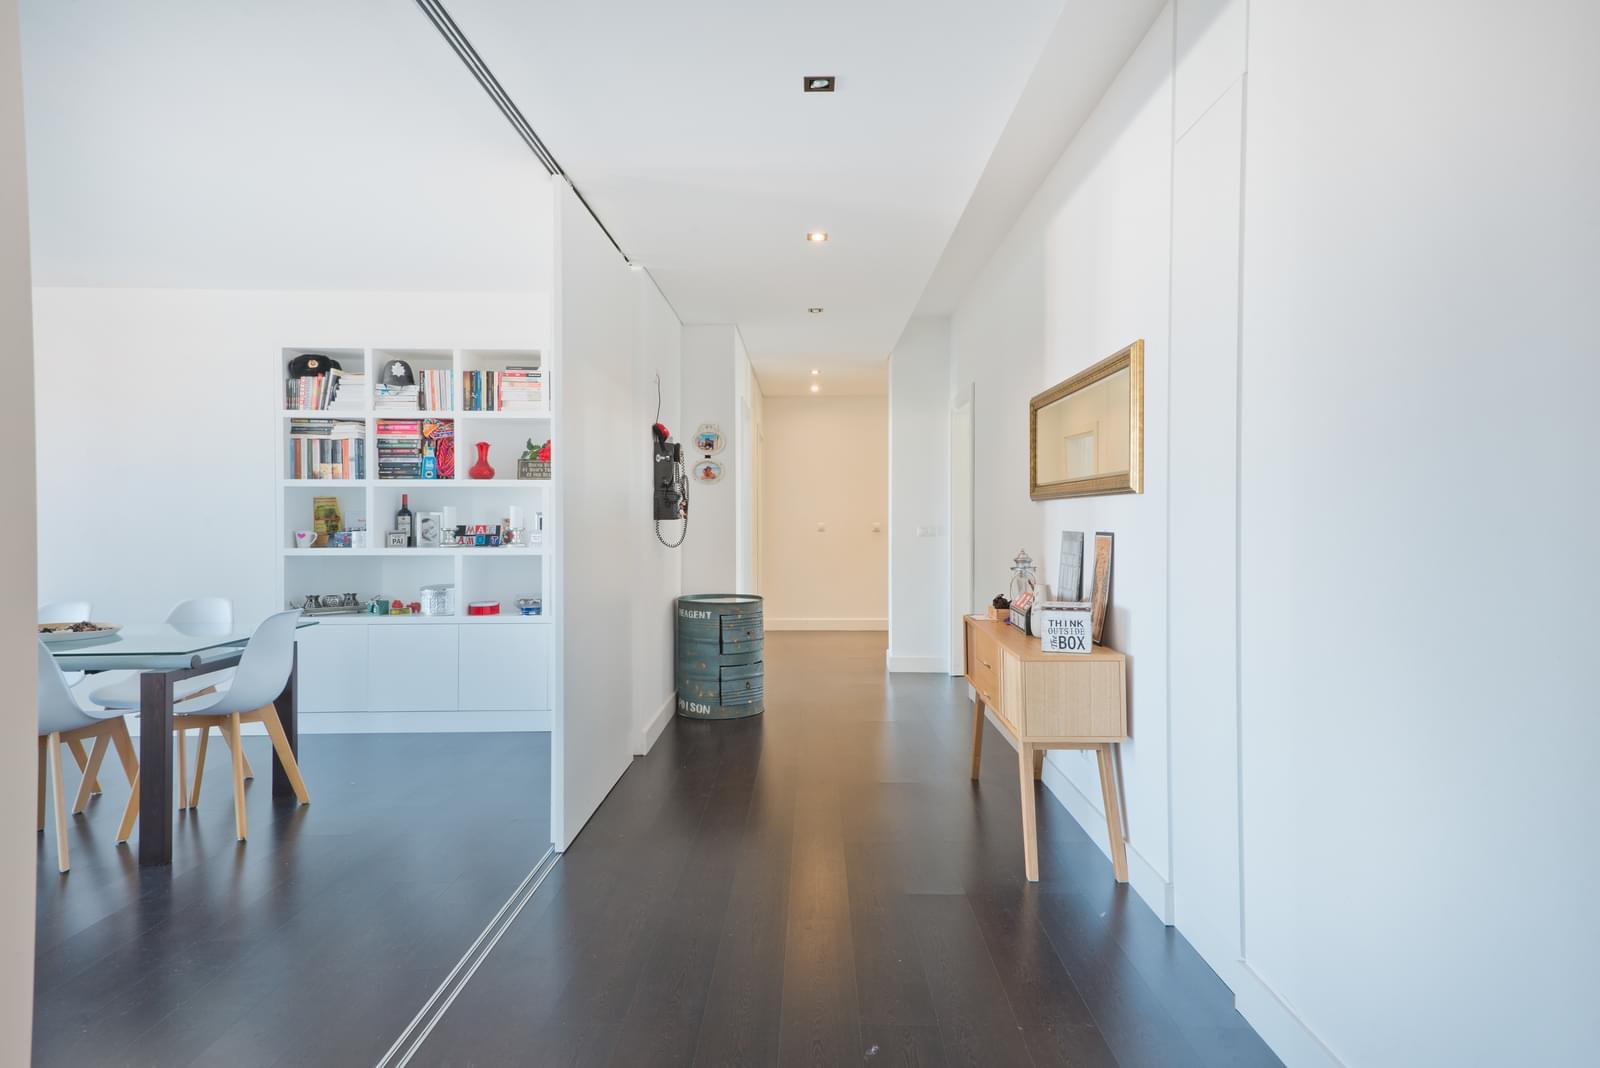 pf17099-apartamento-t3-sintra-1730540e-39ec-411b-97cd-c9fbf87ec96d